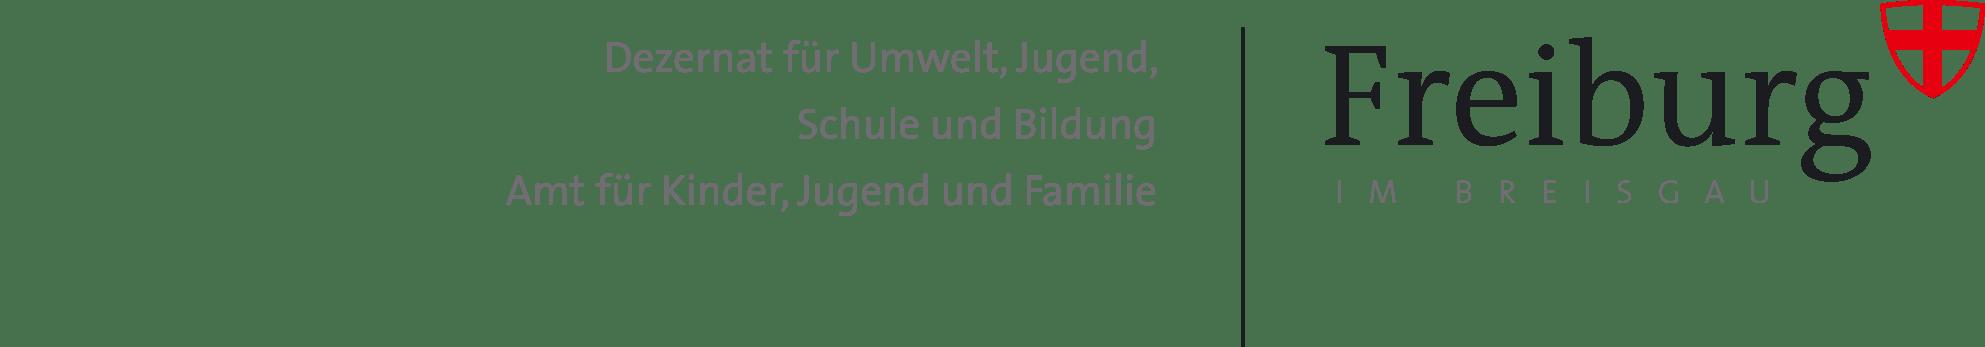 Logo der Stadt Freiburg